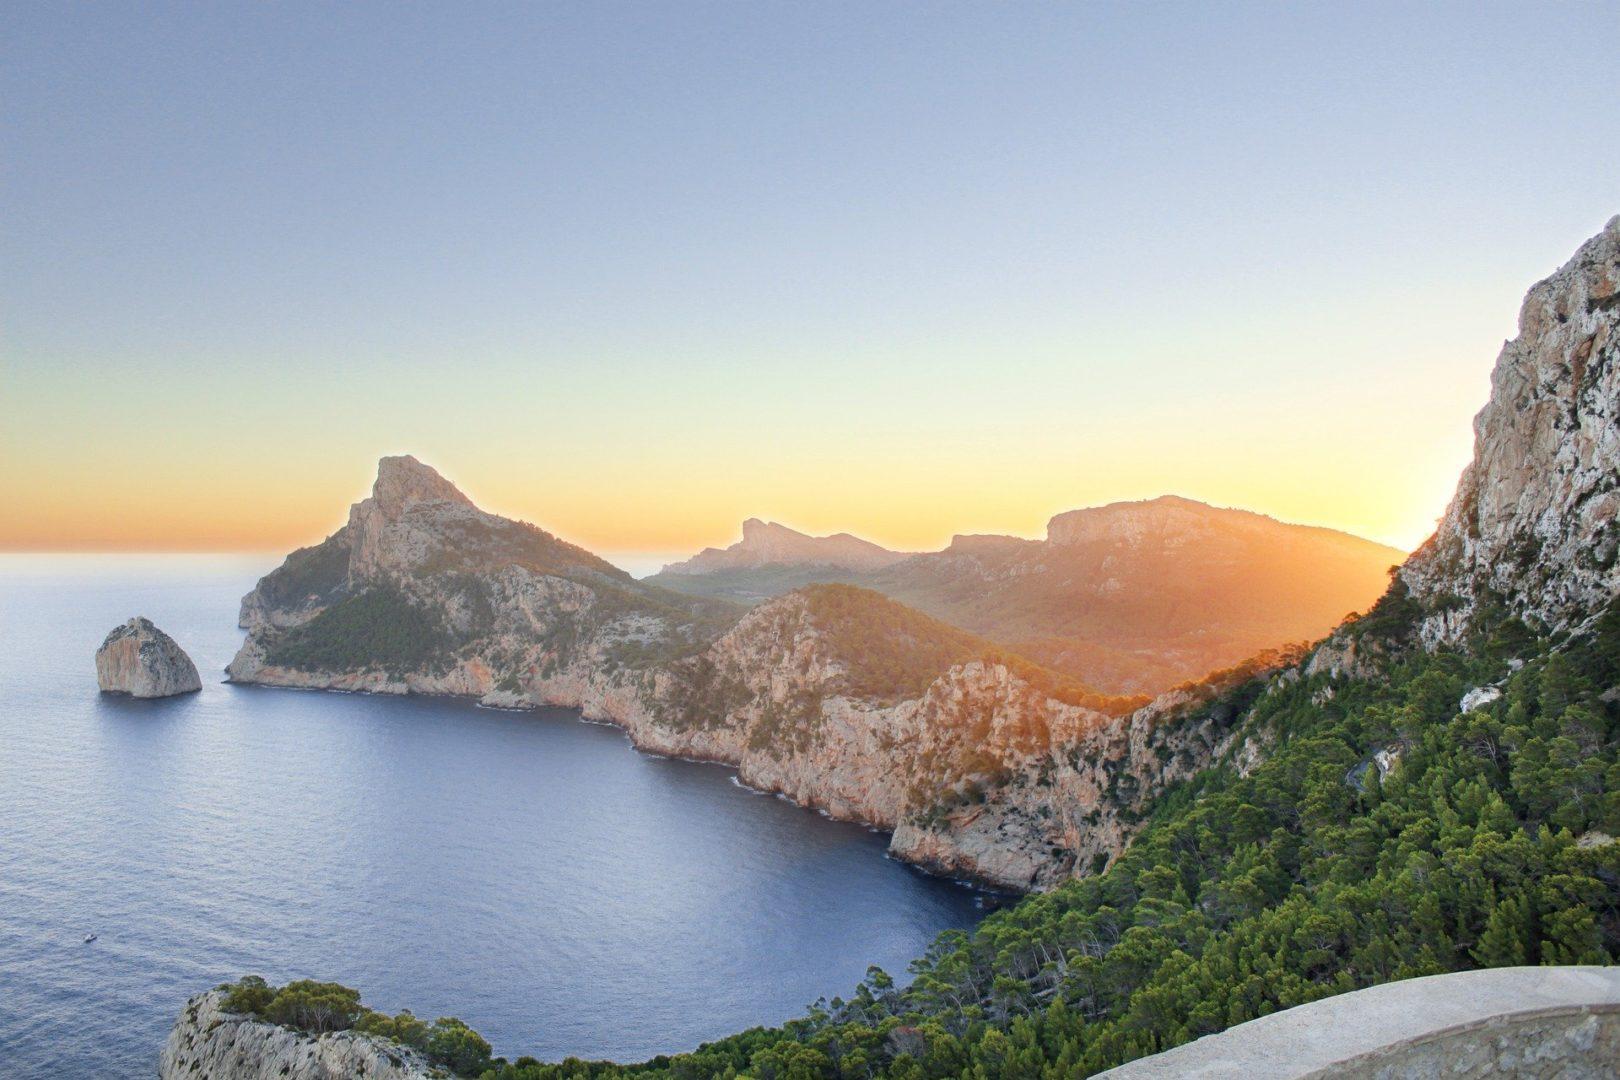 Vacances à Majorque coucher de soleil sur le Cap de Formentor